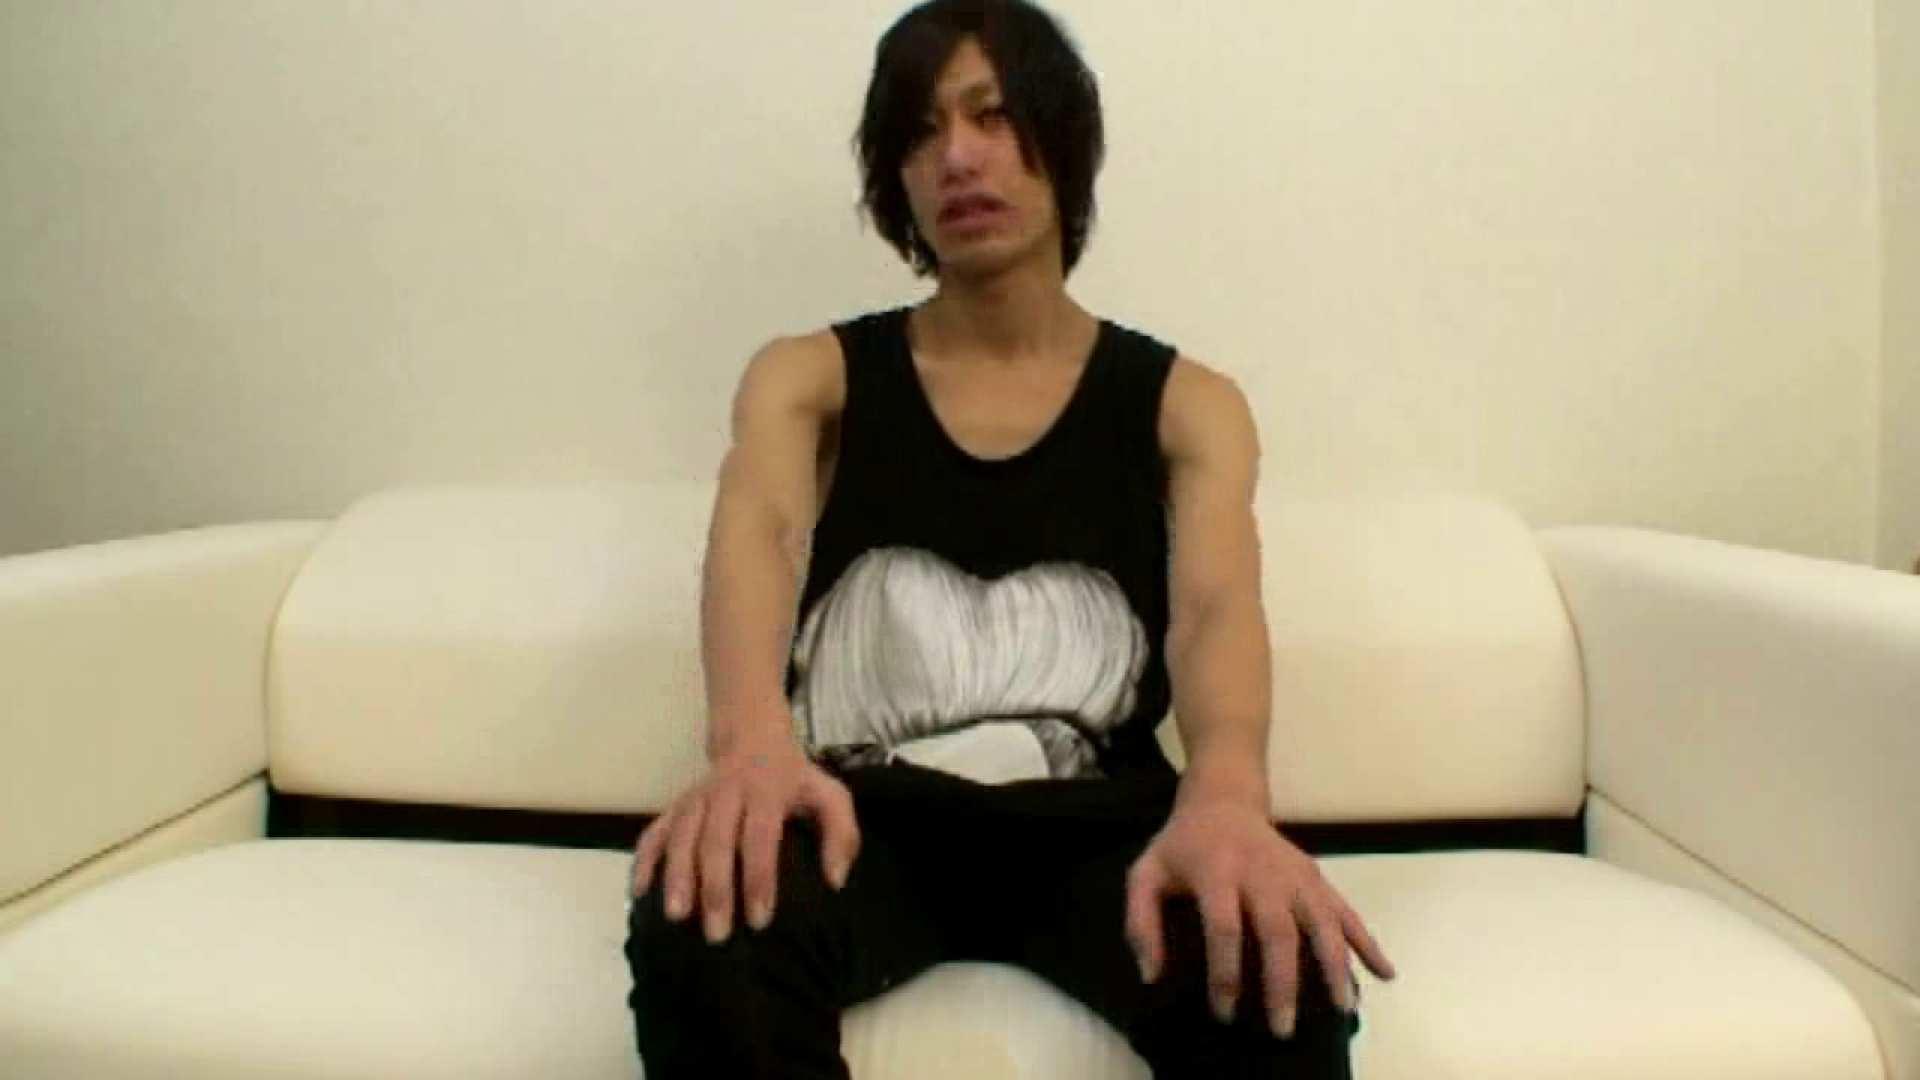 ノンケ!自慰スタジオ No.27 ノンケまつり ゲイヌード画像 106枚 45